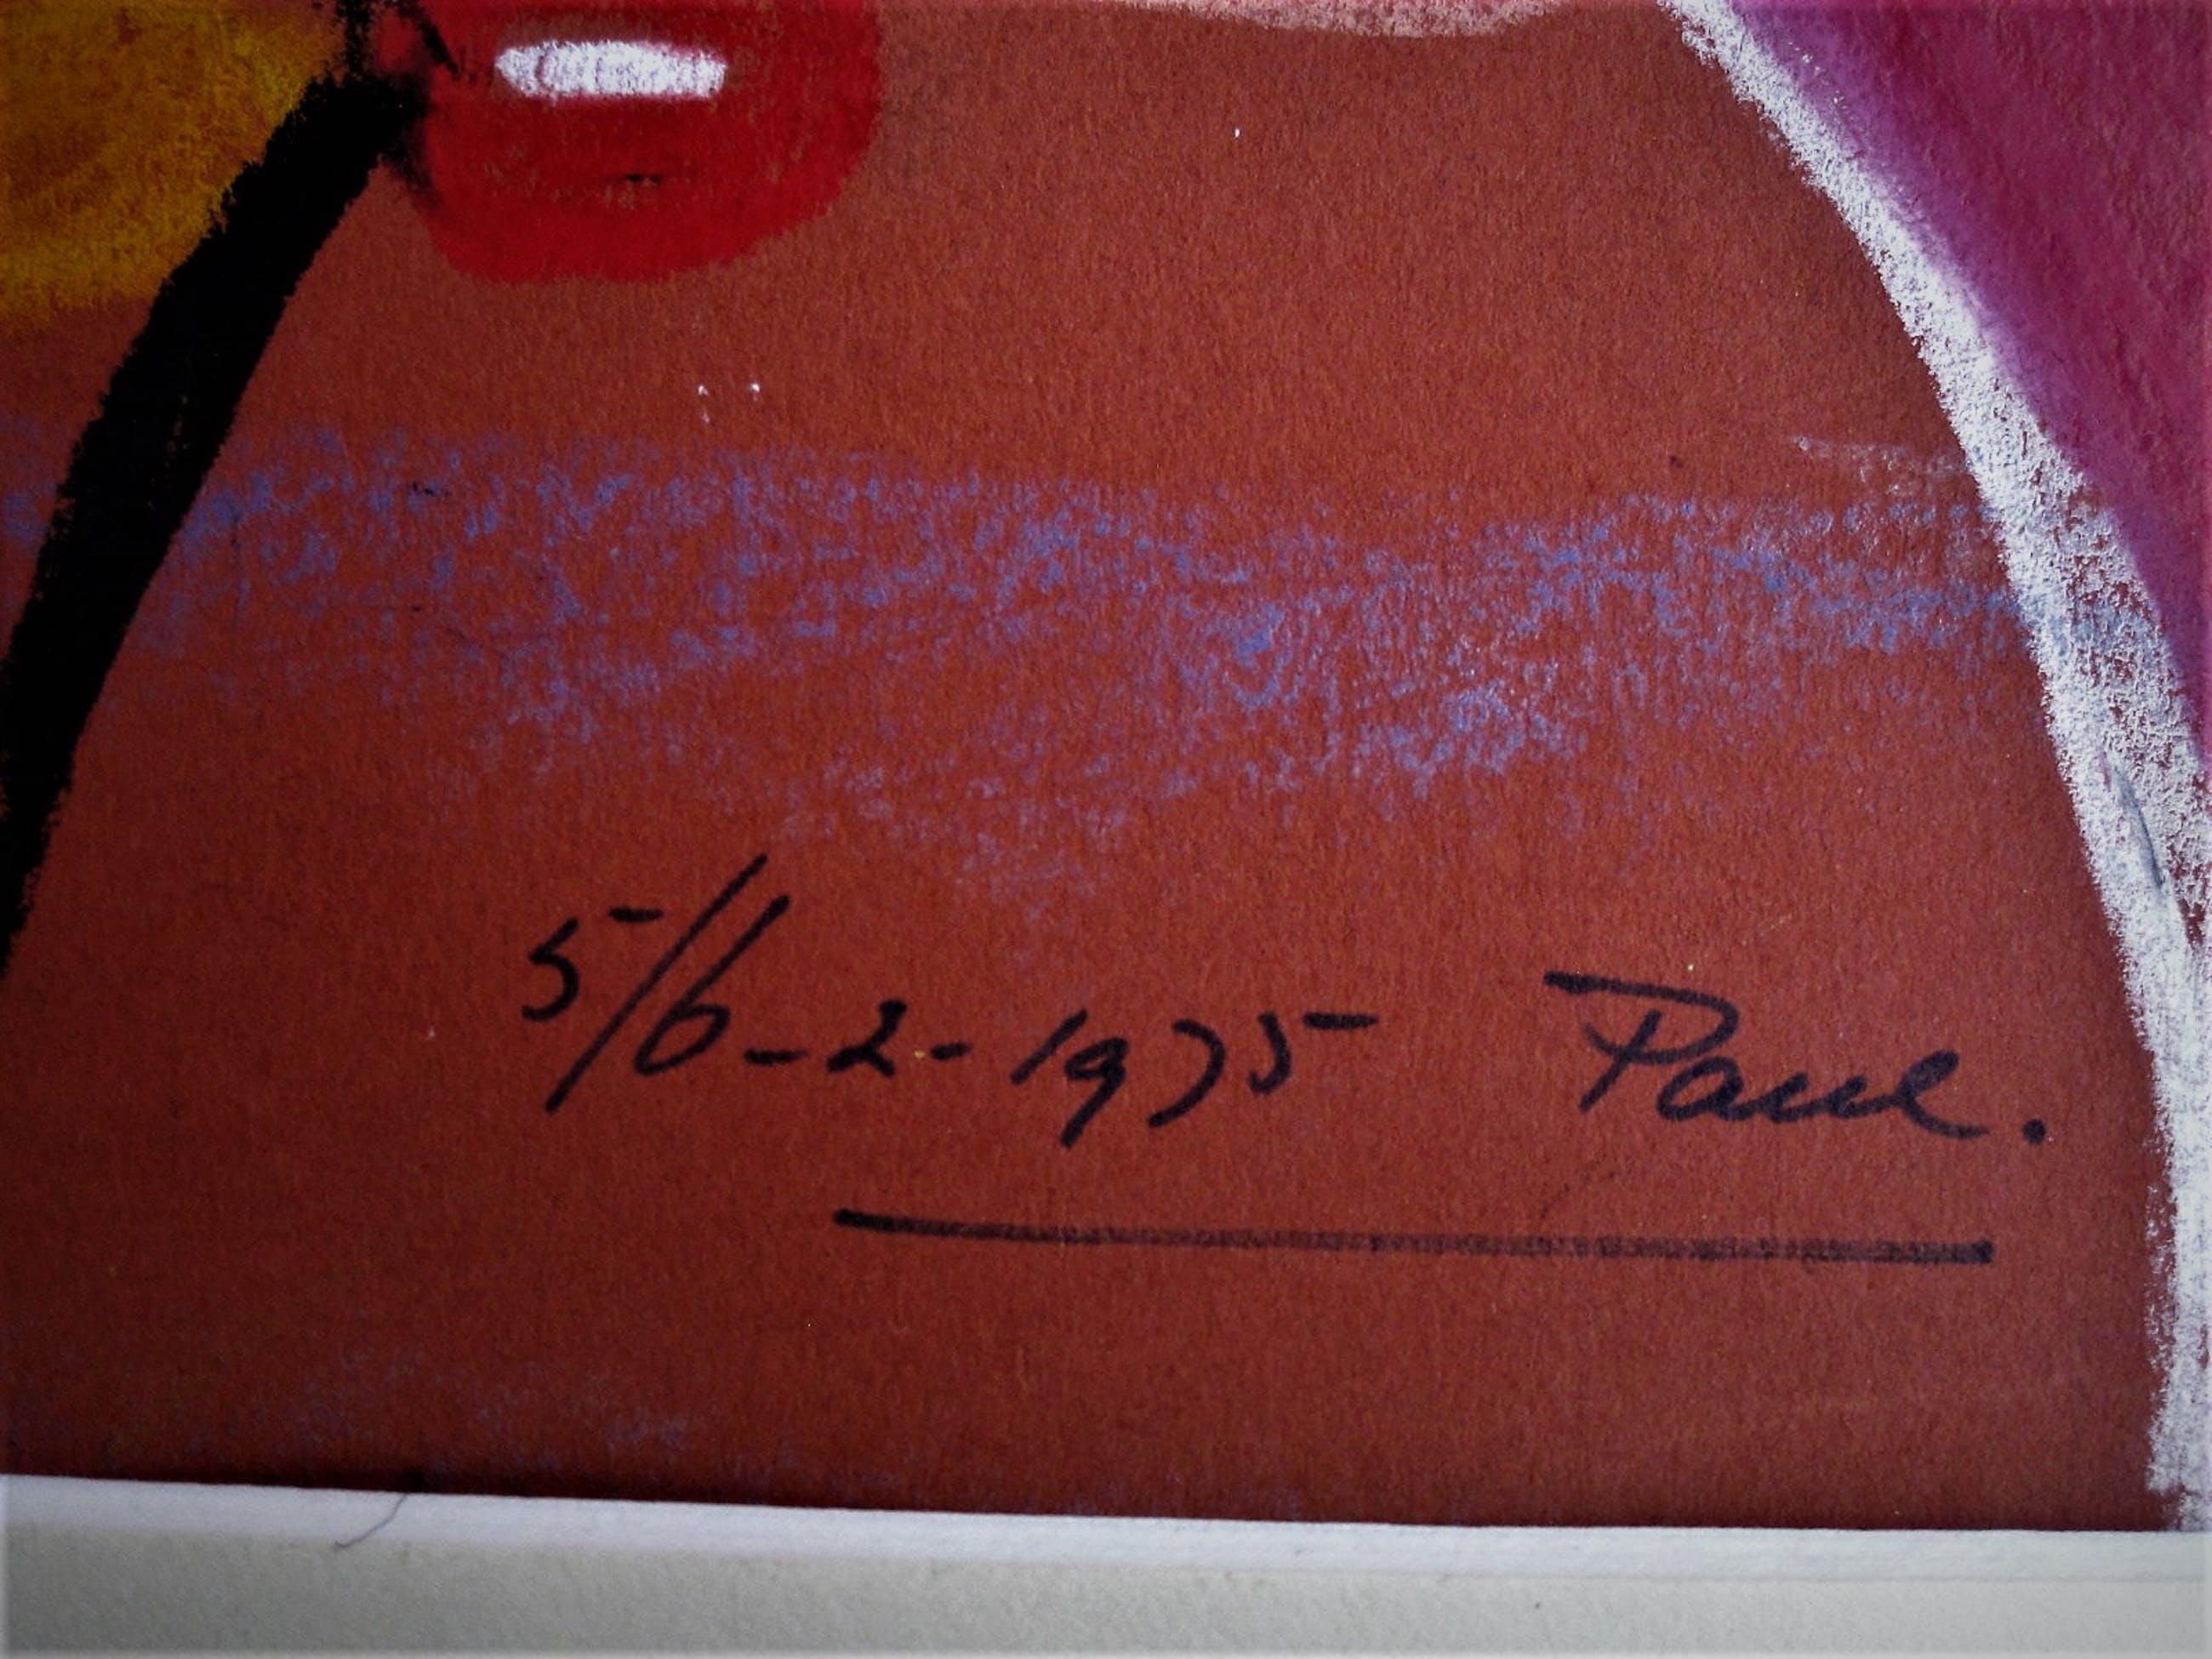 """Paul Koning - Bijzonder Psychedelisch jaren 70 Pastel (ViltStift) """"TaRaRaBoemDieJ"""" gesigneerd kopen? Bied vanaf 10!"""